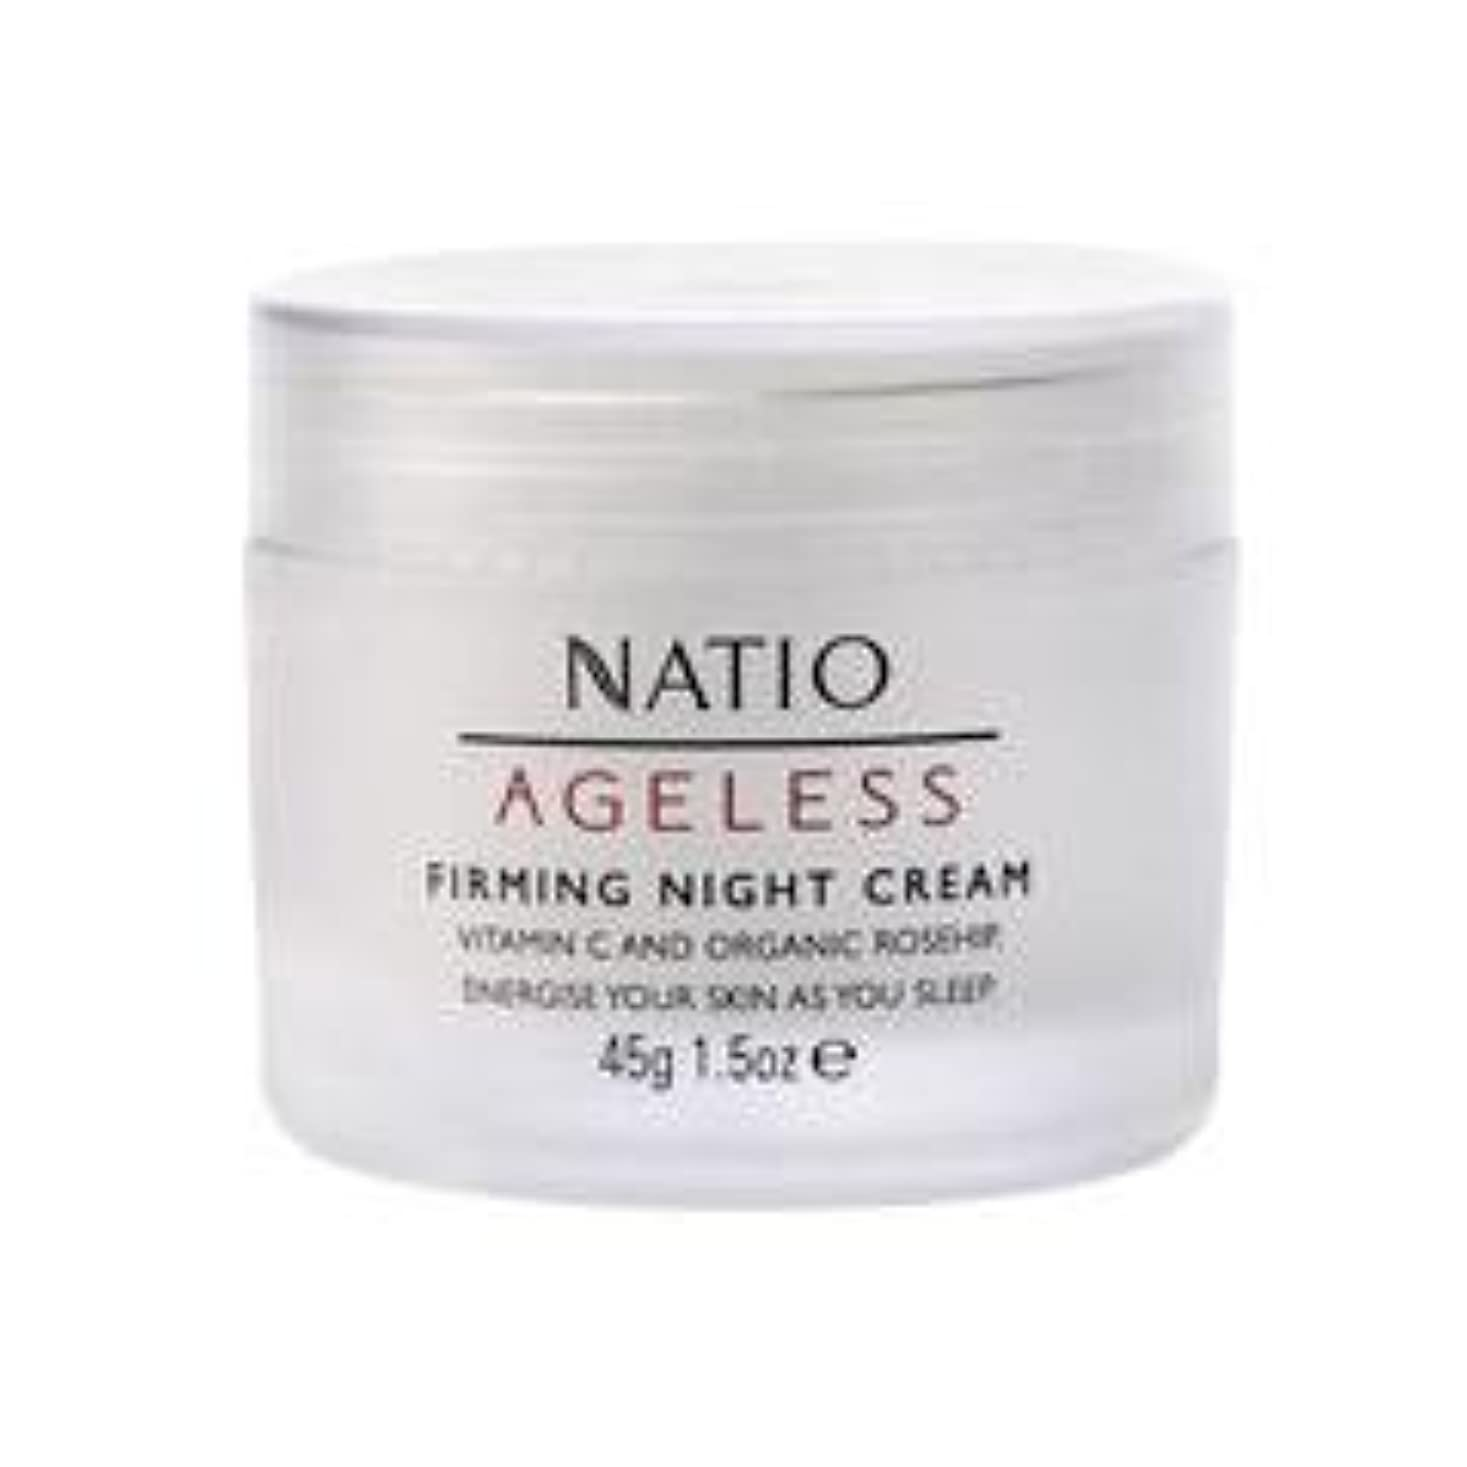 ムス落ち着かないパーク【NATIO Ageless Firming Night Cream】 ナティオ ナイトクリーム [海外直送品]